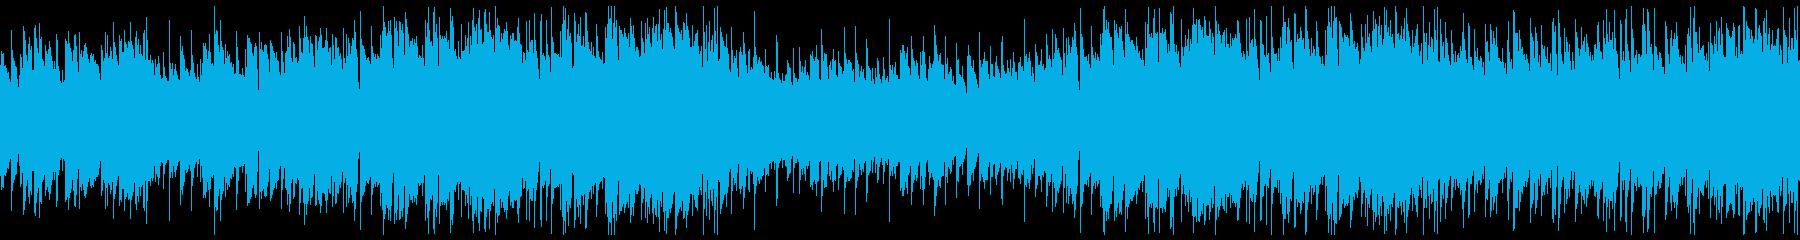 映像・夕暮れの海・ポップ・ループの再生済みの波形